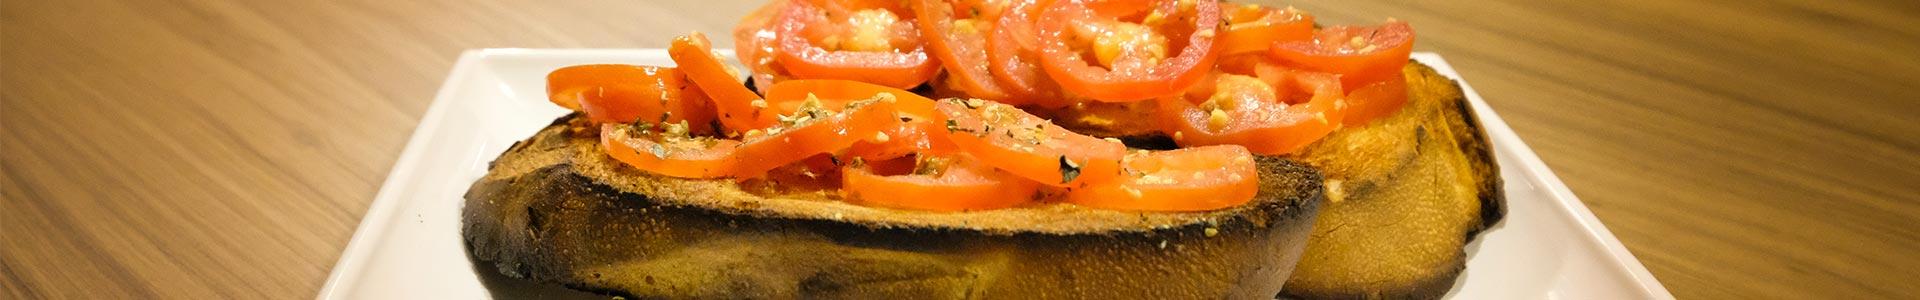 Alecrim-Pizzaria-Delivery-Nova-Friburgo-menu-entradas